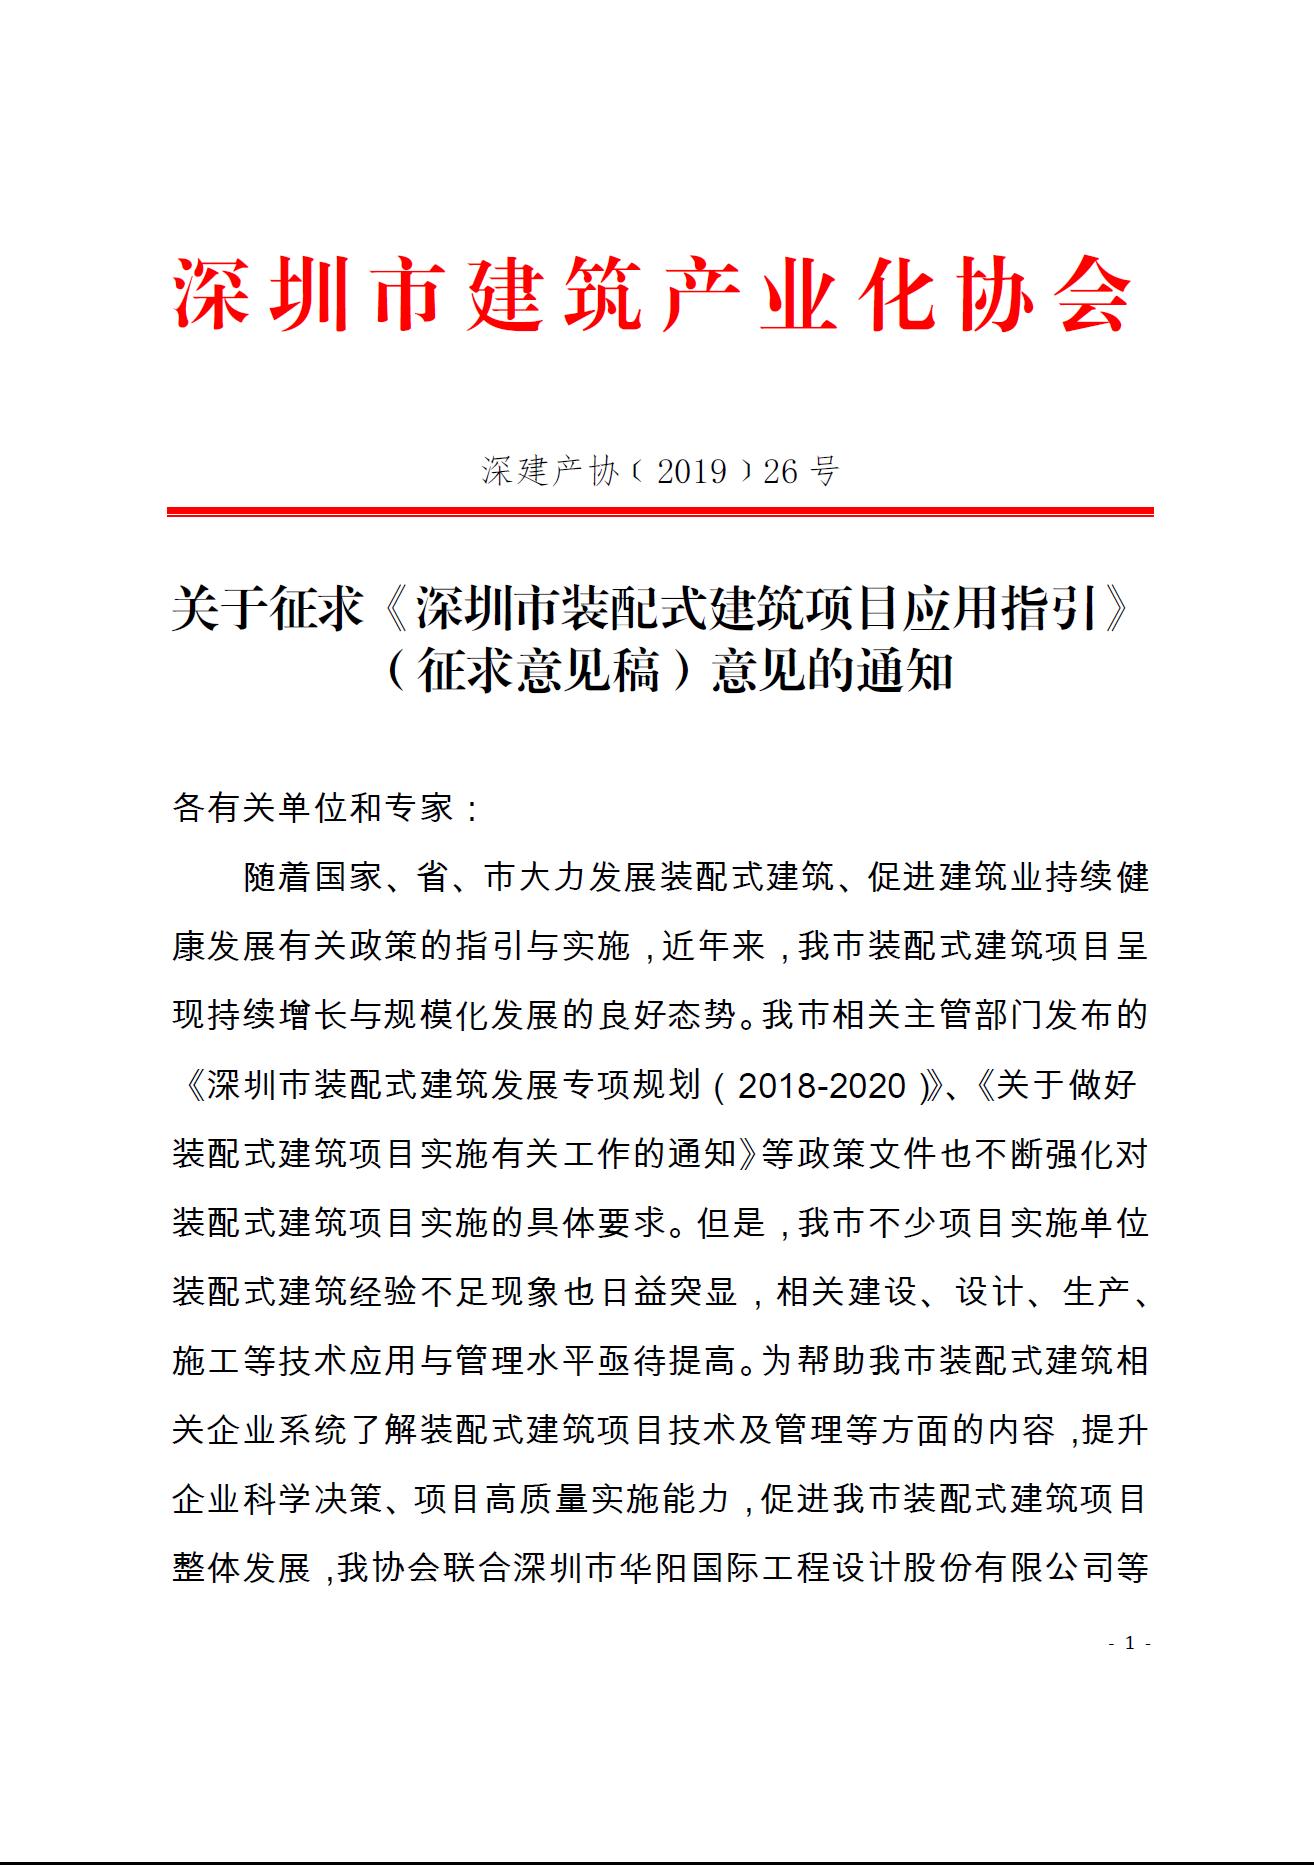 关于征求《深圳市装配式建筑项目应用指引》 (征求意见稿)意见的通知